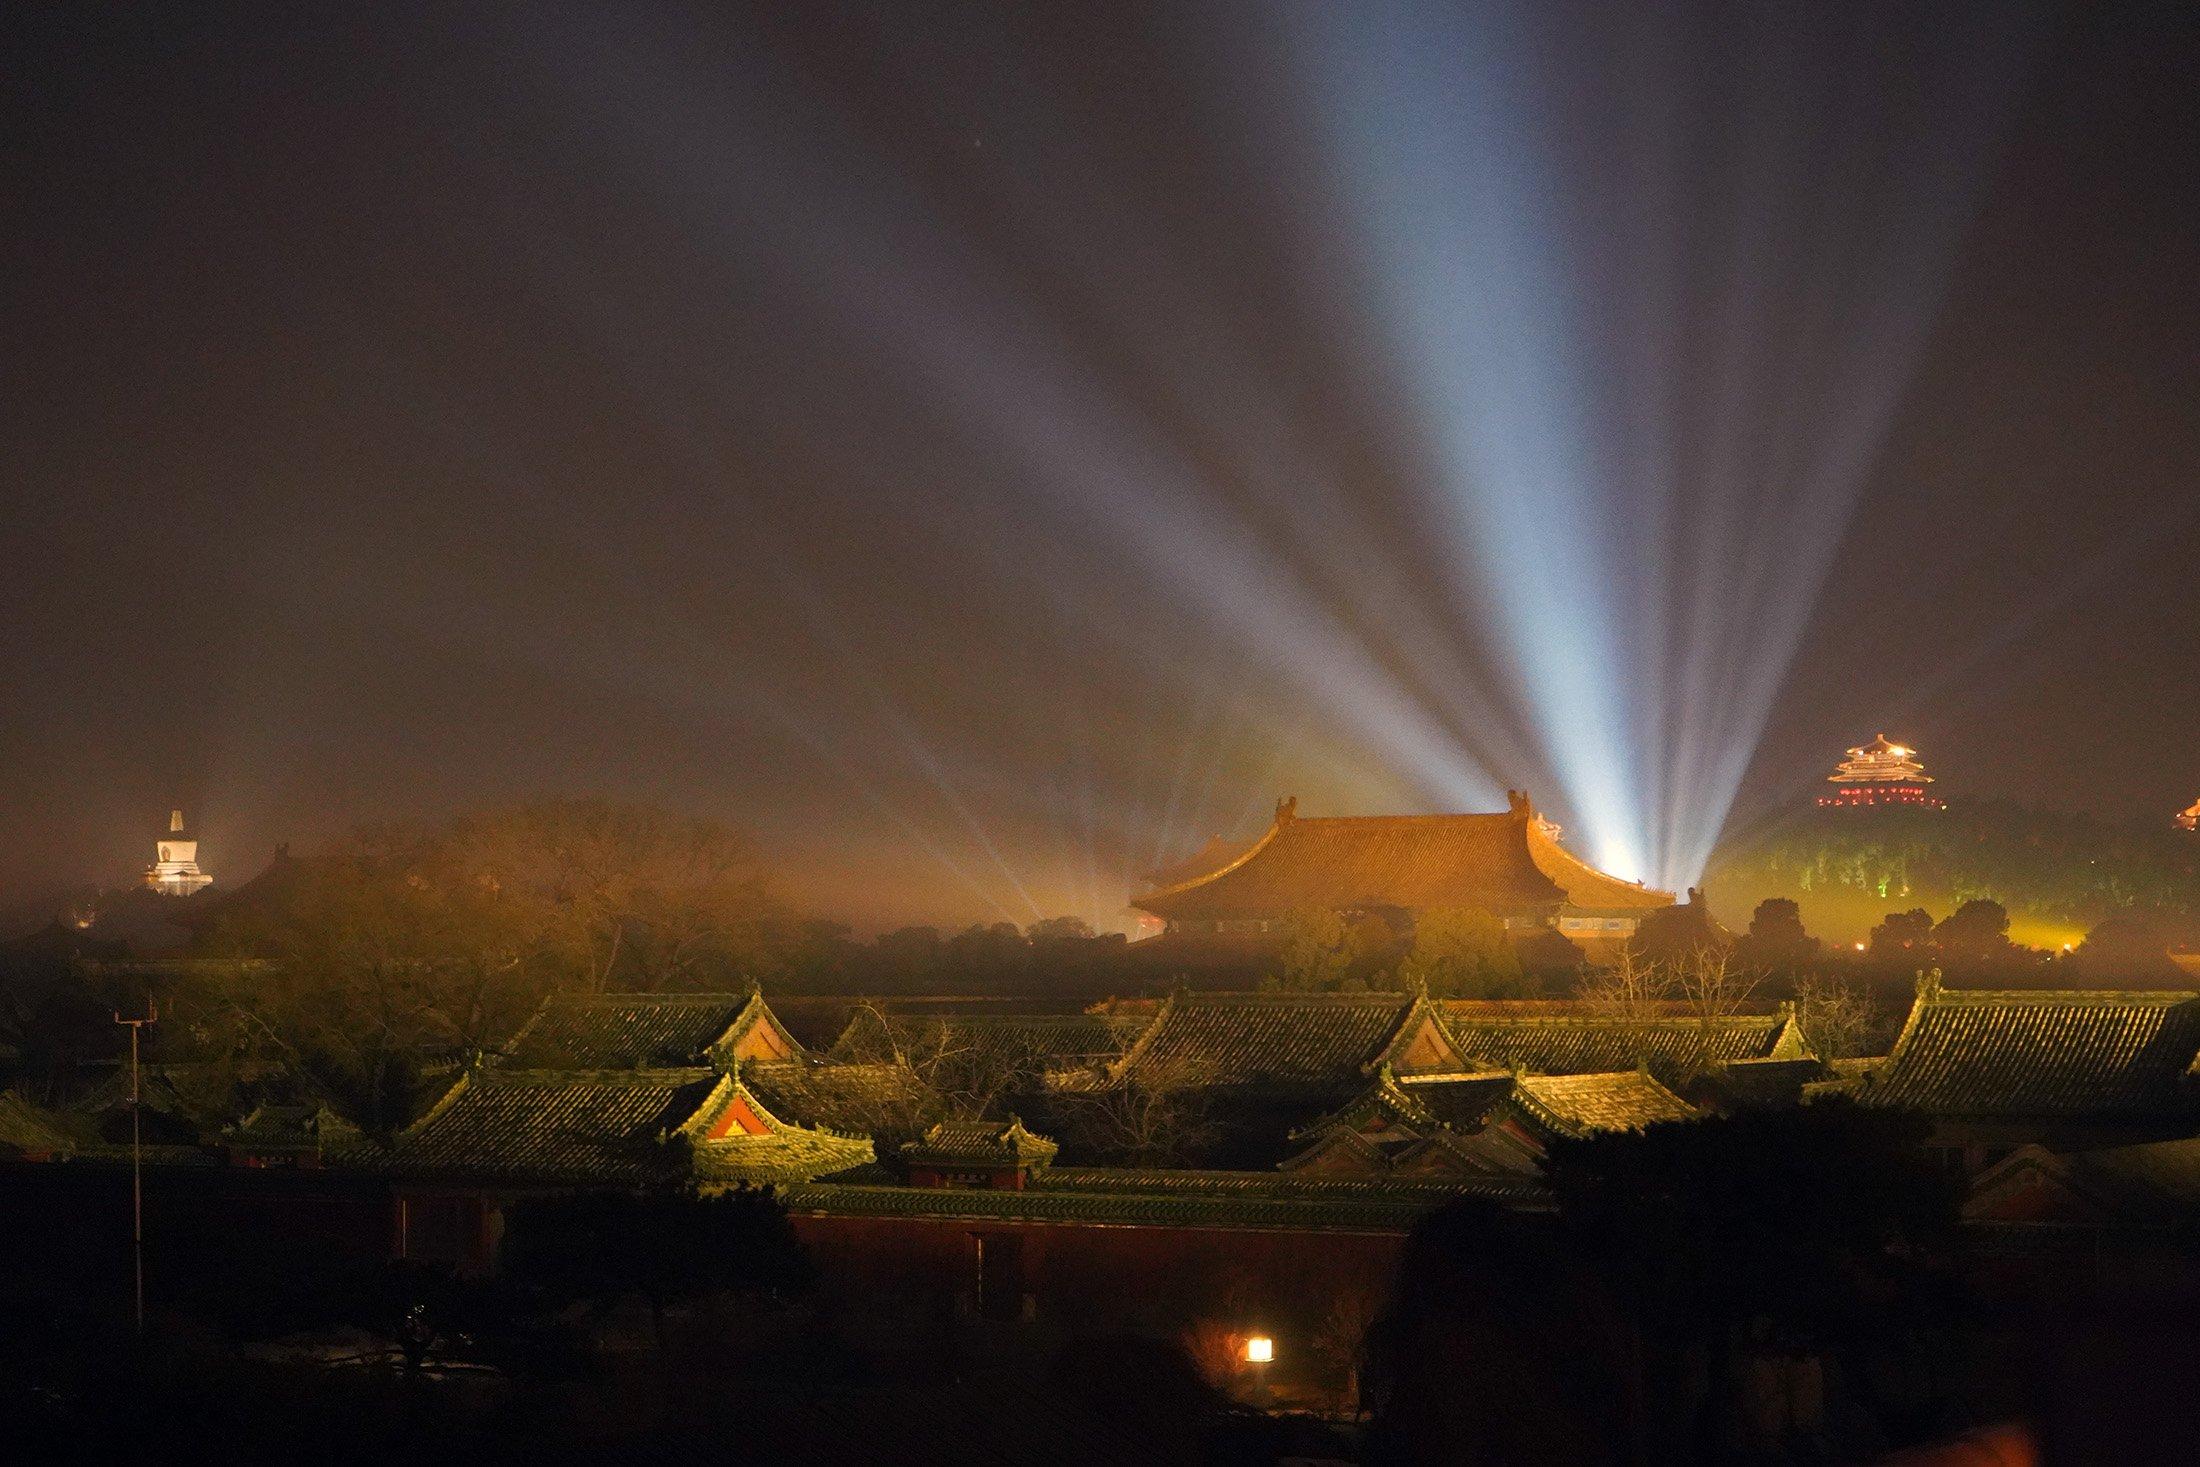 故宮是中國明、清兩代的皇宮,也是世界上保存最完好的古代皇家建築群之一。